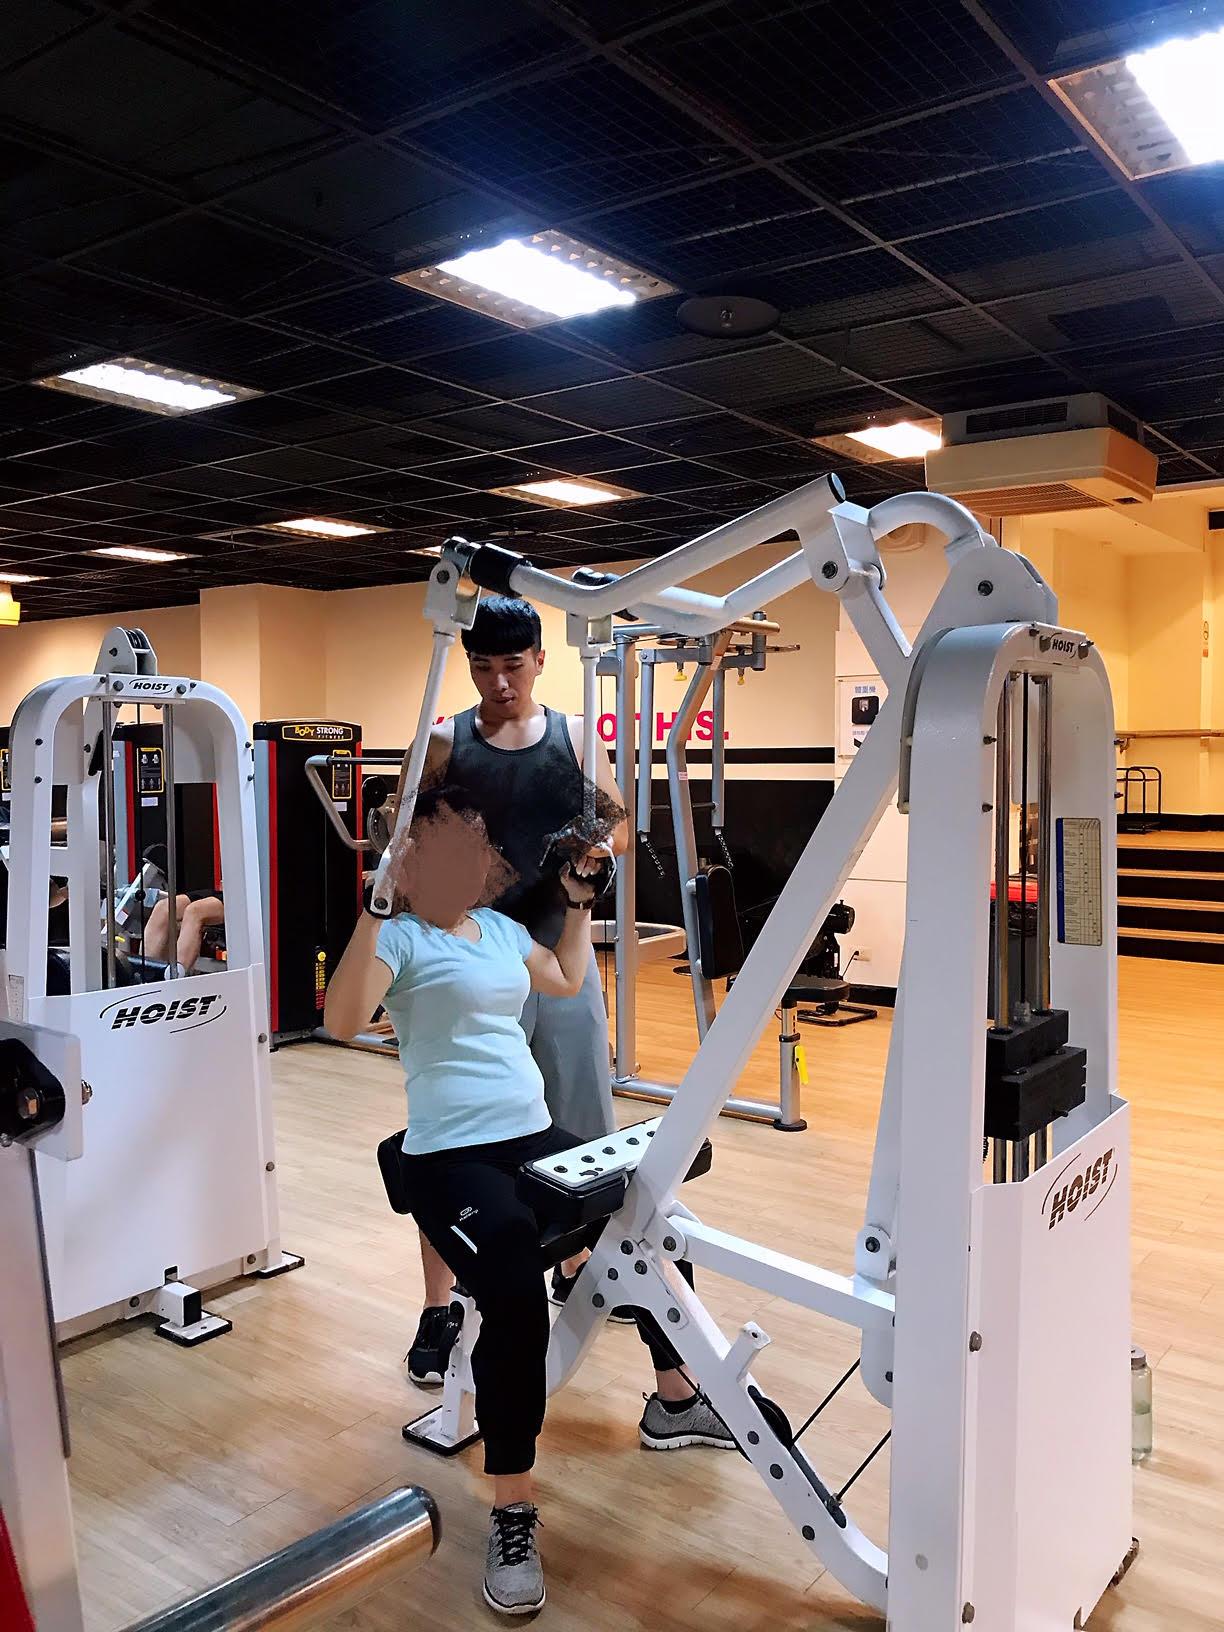 健身方面,是成功帶領20幾位學生體態改變,甚至有80公斤體脂肪35%的學生,練到變成70公斤體脂肪7%